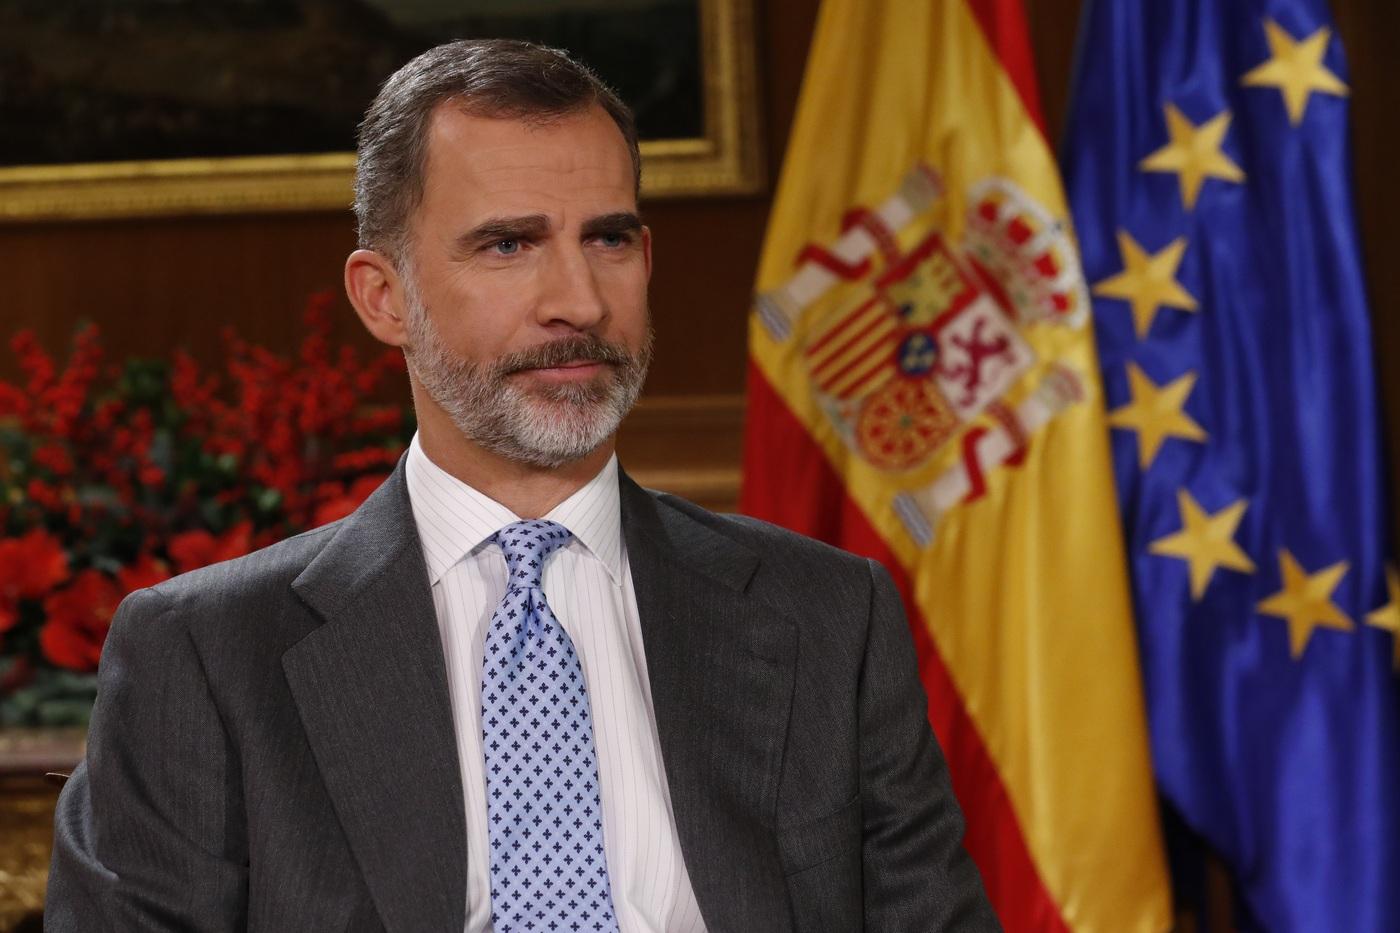 """El Rey recuerda el """"triunfo"""" de España ante separatismo que """"enfrenta a familias"""" en Cataluña"""